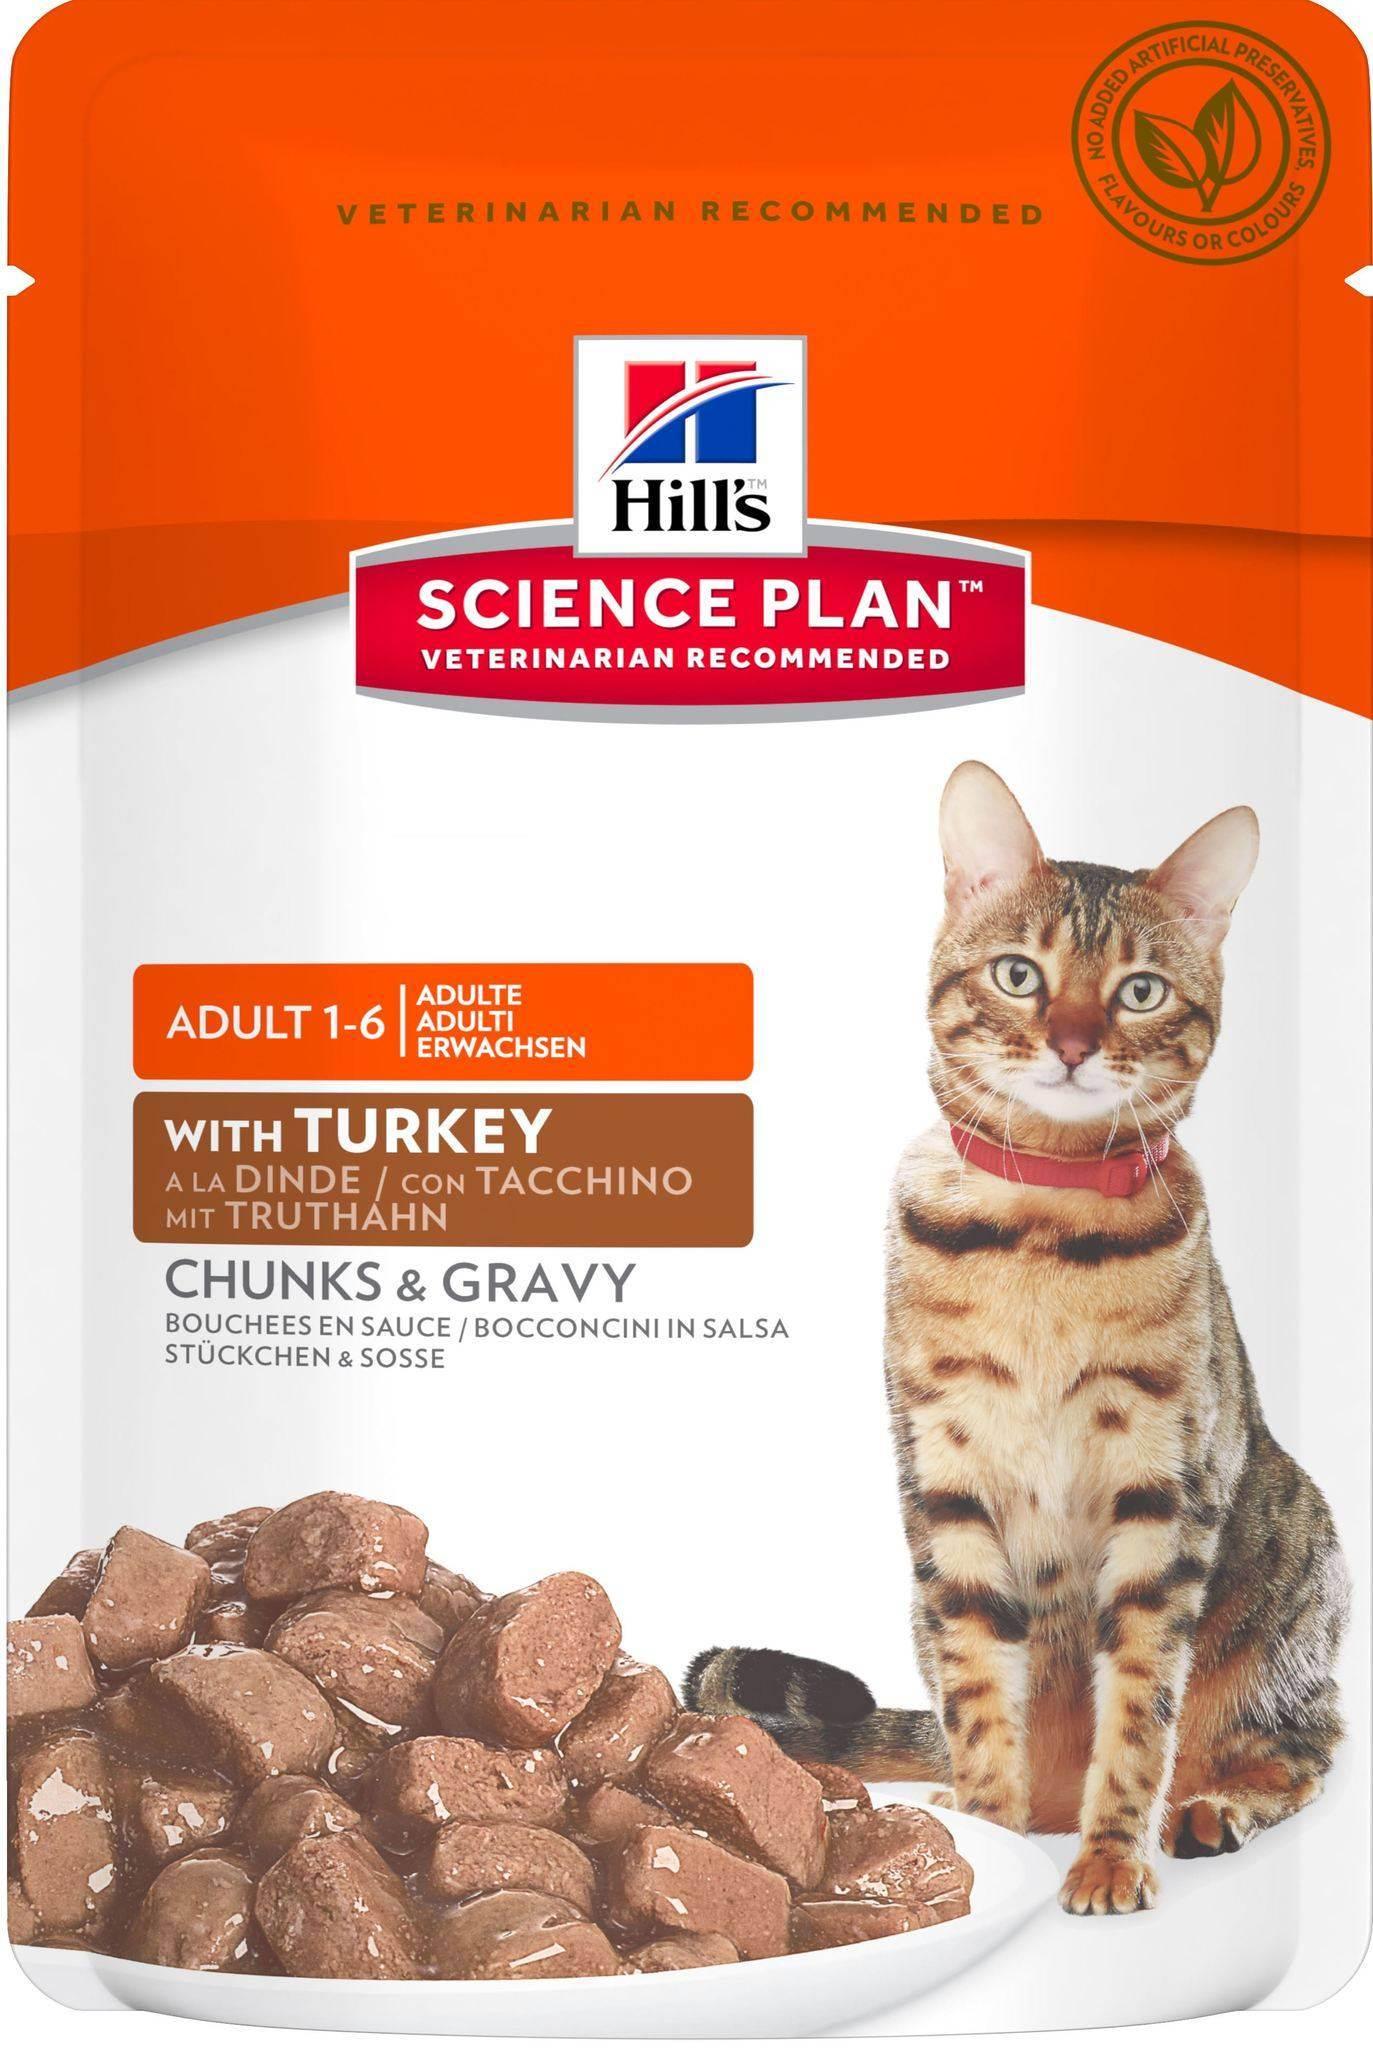 Корм хиллс для кошек: отзывы и обзор состава